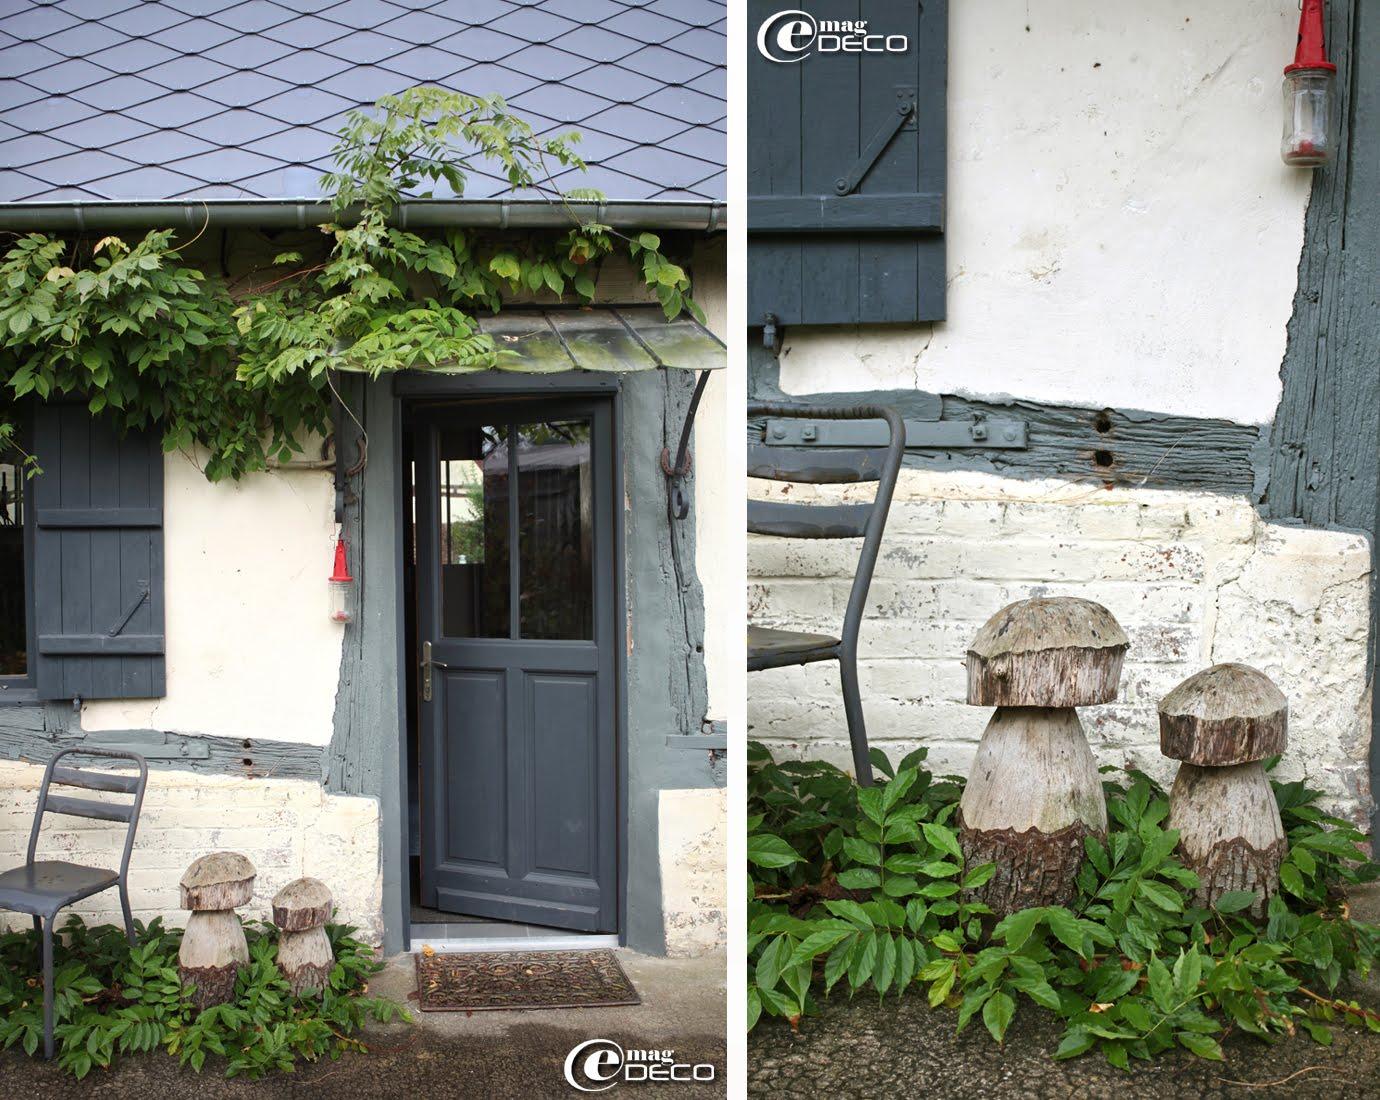 Choisir une porte de maison - Porte pour maison ...